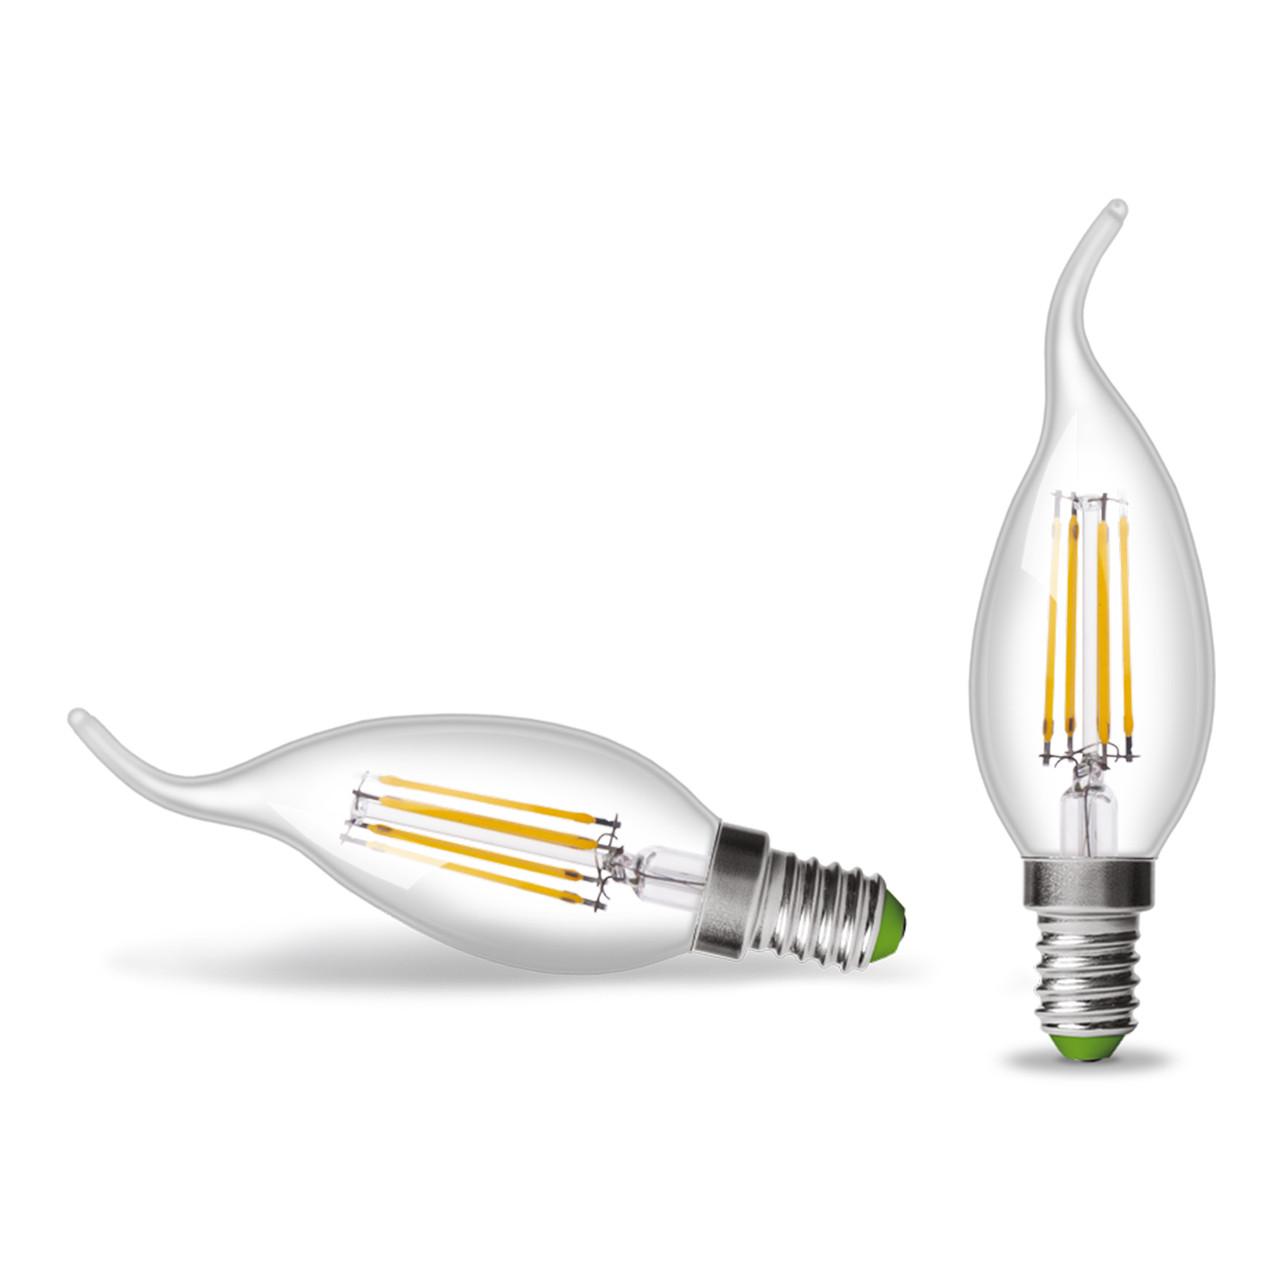 Светодиодная лампа Eurolamp ArtDeco 4W E14 свеча на ветру Filament